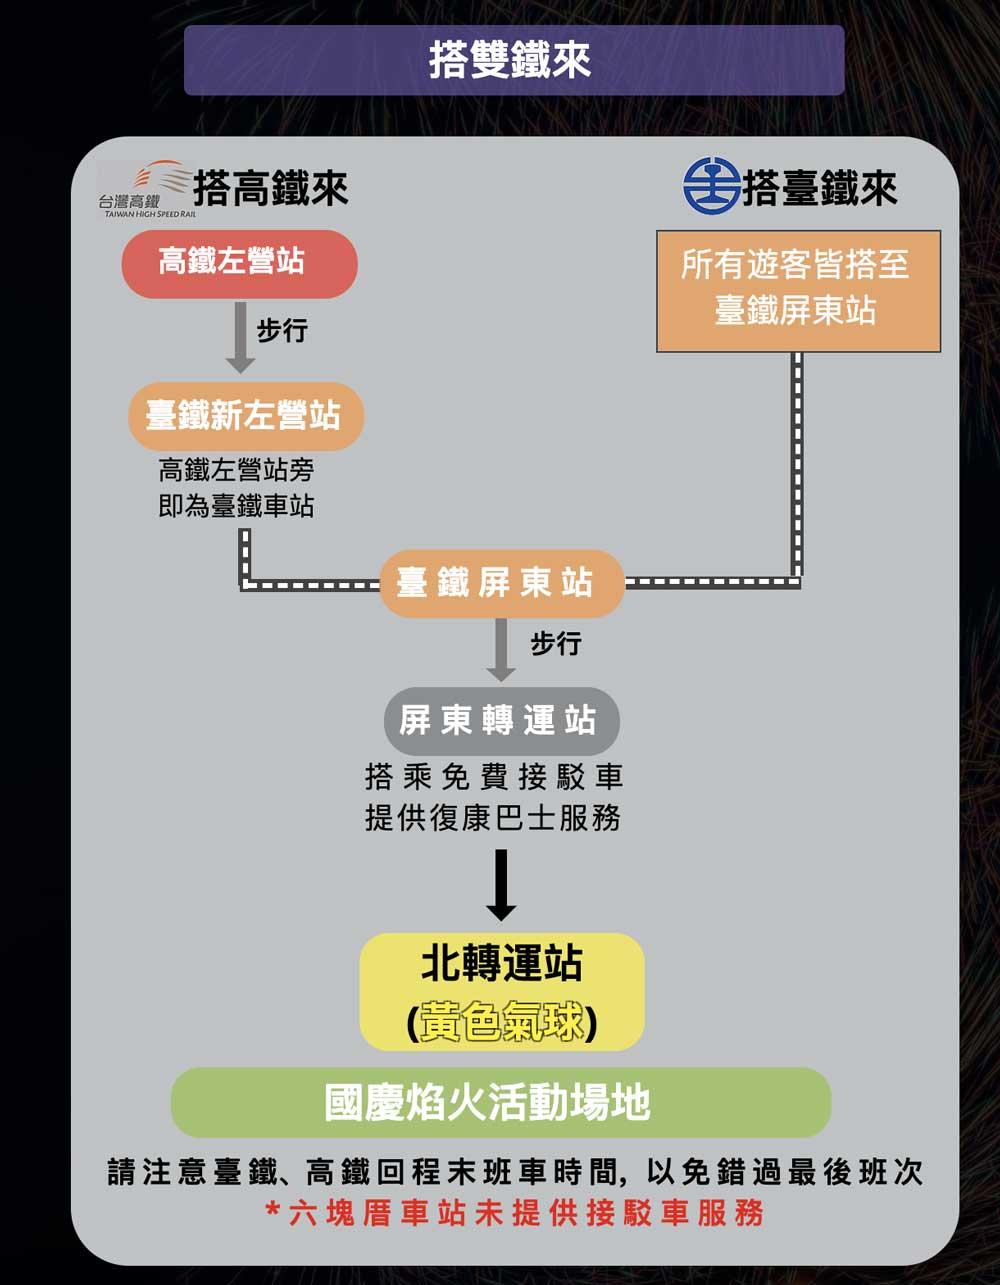 高鐵、台鐵:屏東轉運站搭乘接駁車